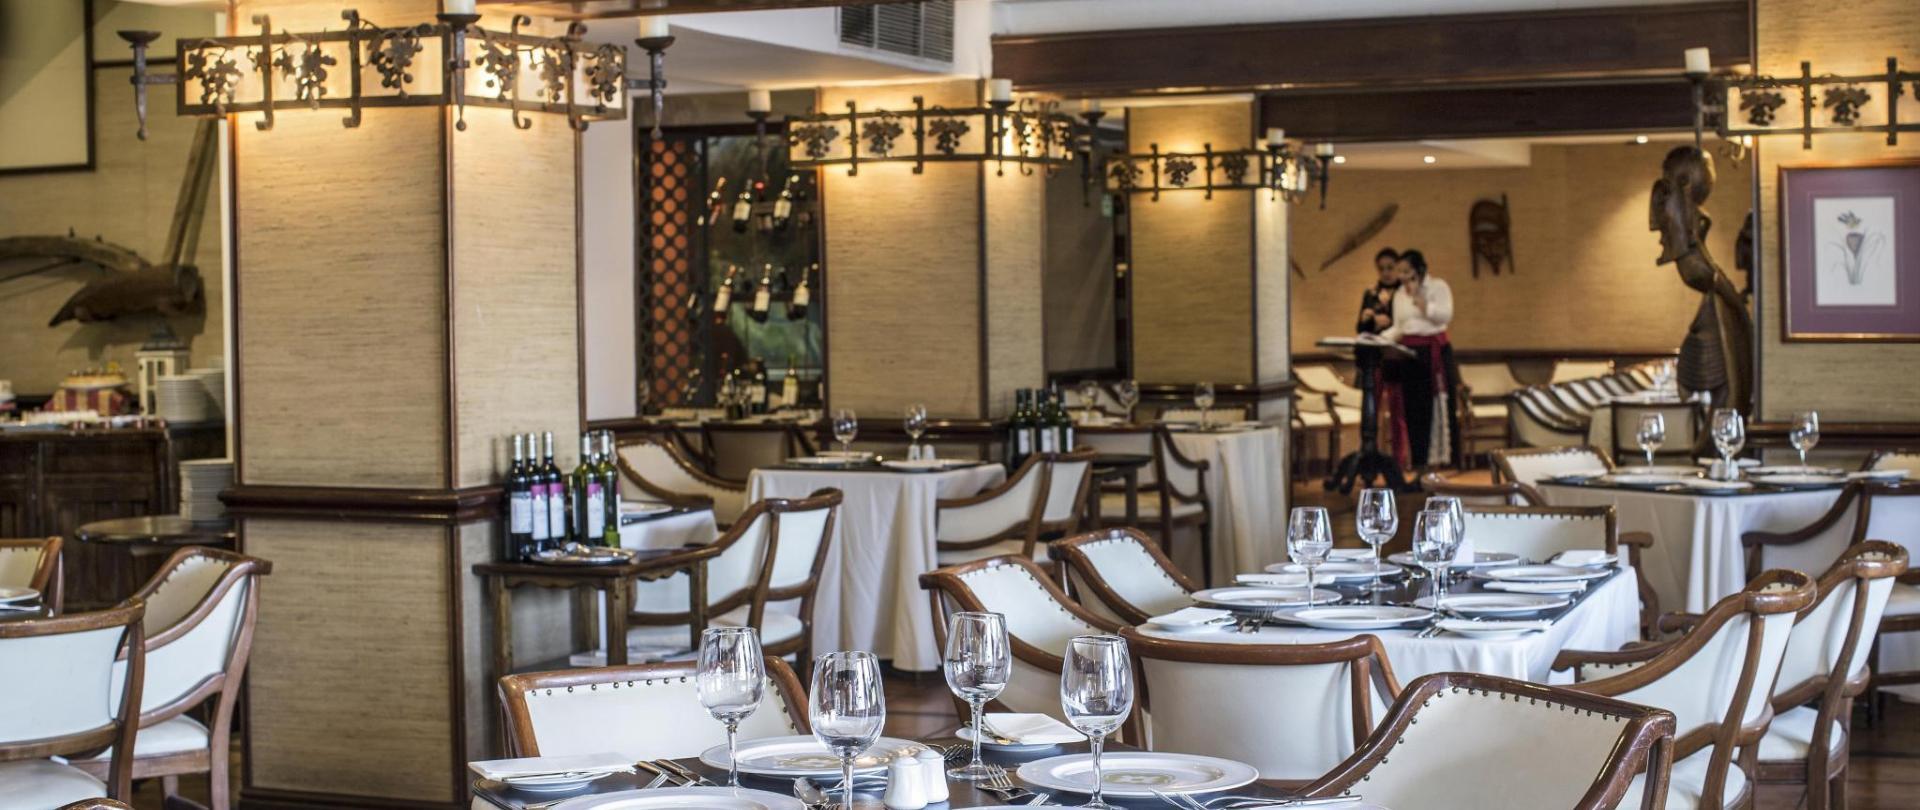 Restaurant Vichuquen.jpg